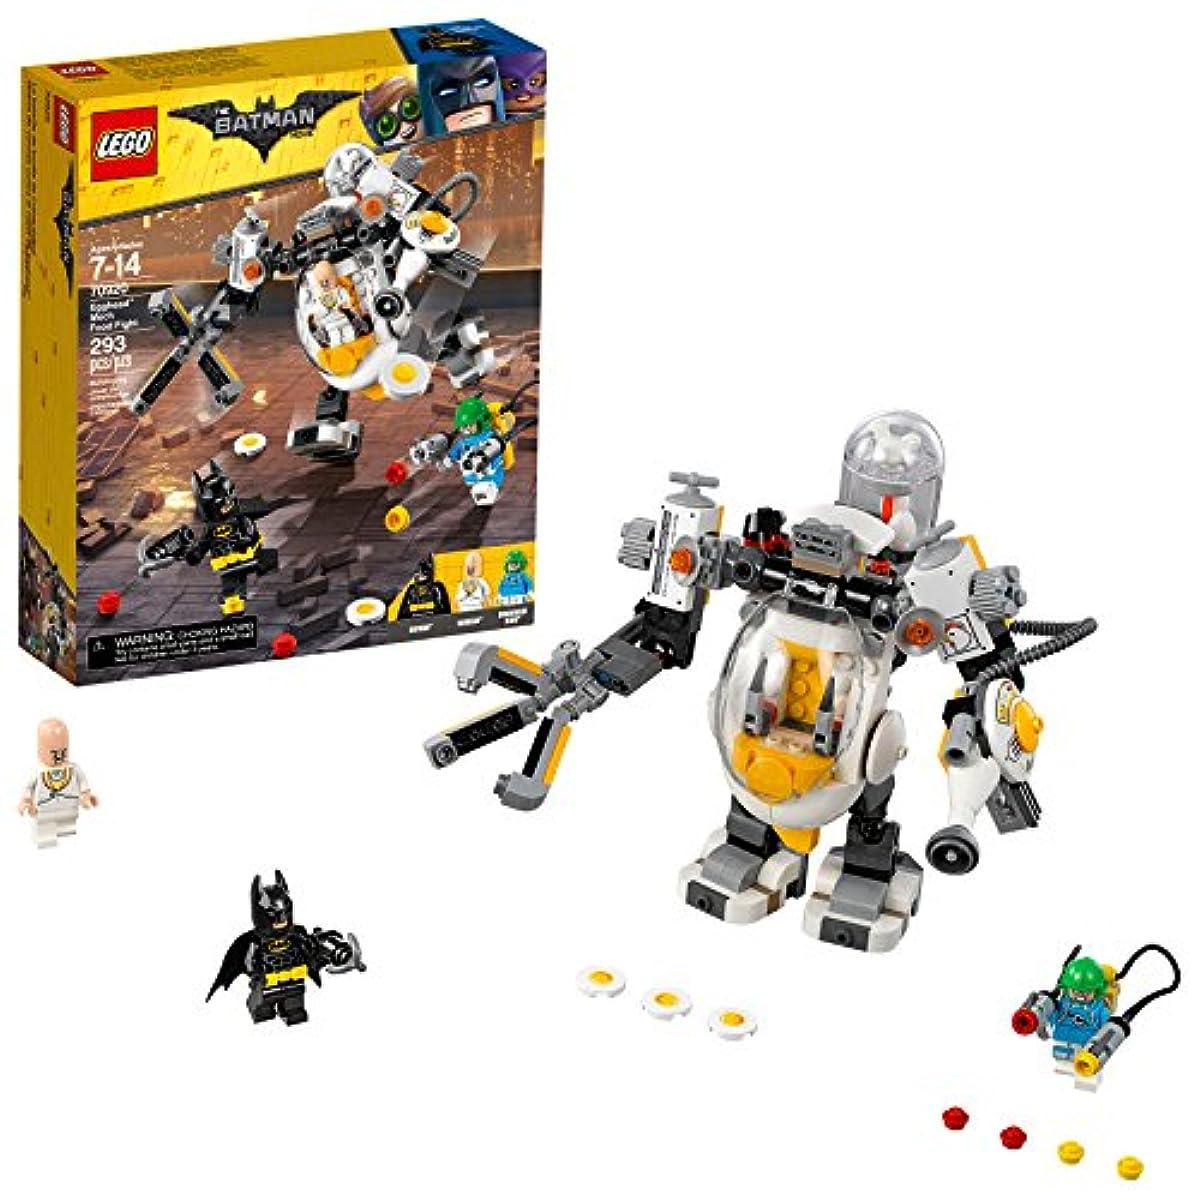 [해외] LEGO BATMAN MOVIE EGGHEAD MECH FOOD FIGHT 70920 BUILDING KIT (293 PIECE)